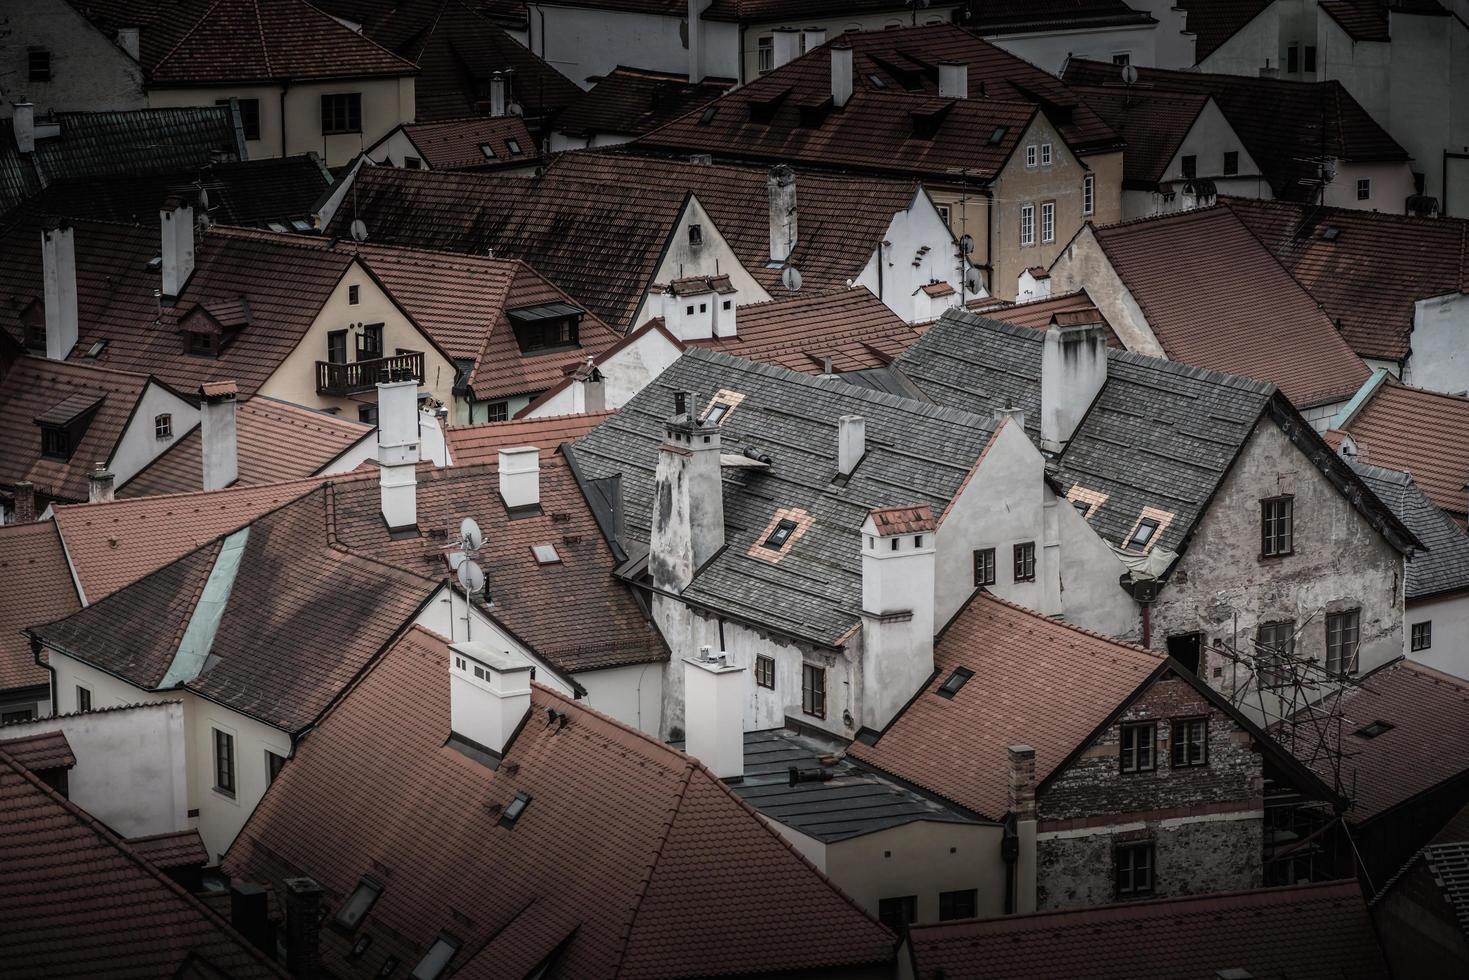 tejados de casas en el casco antiguo de cesky krumlov foto